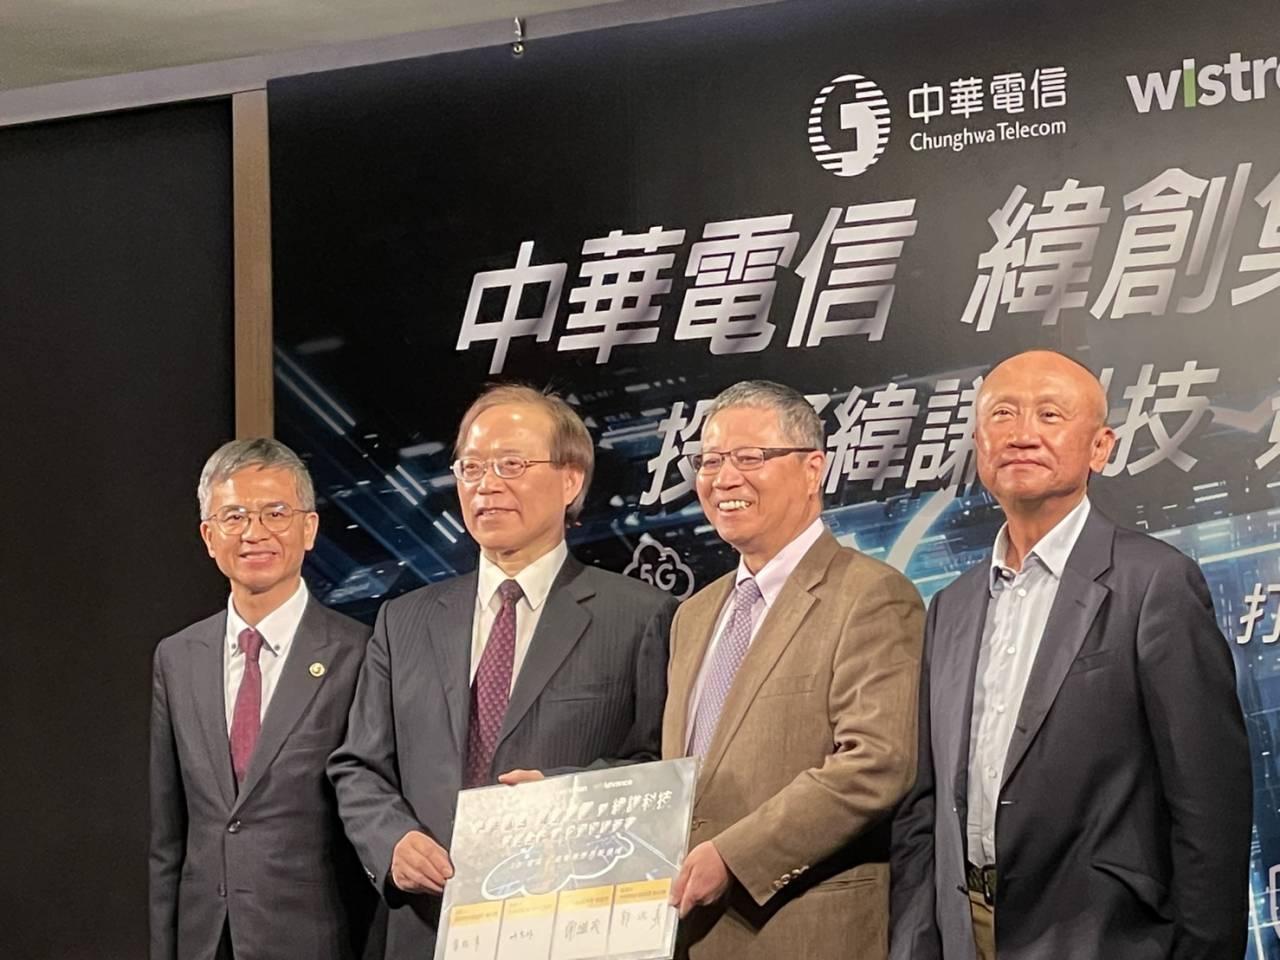 中華電信入股緯創子公司緯謙 搶攻5G、AI商機